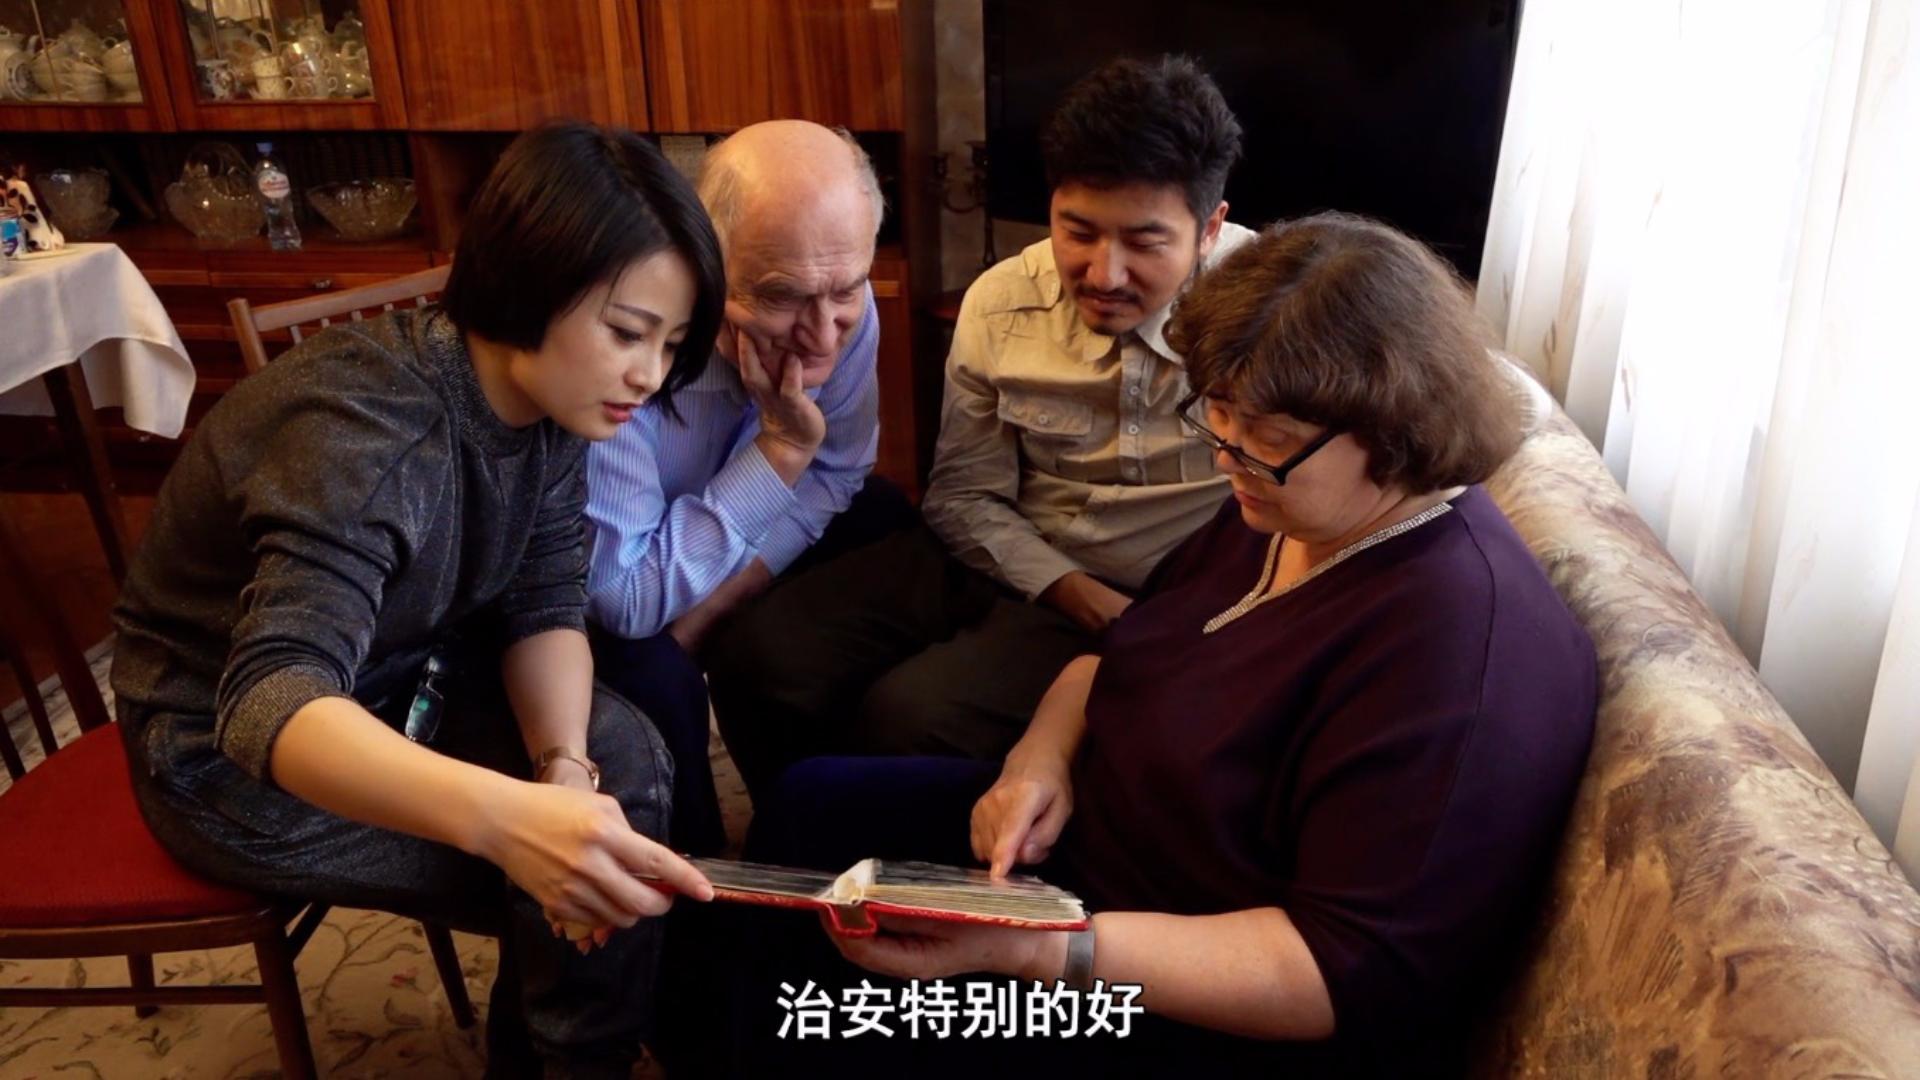 探望支教中国的白俄老人,谈起两国差距心情复杂,对比过于强烈